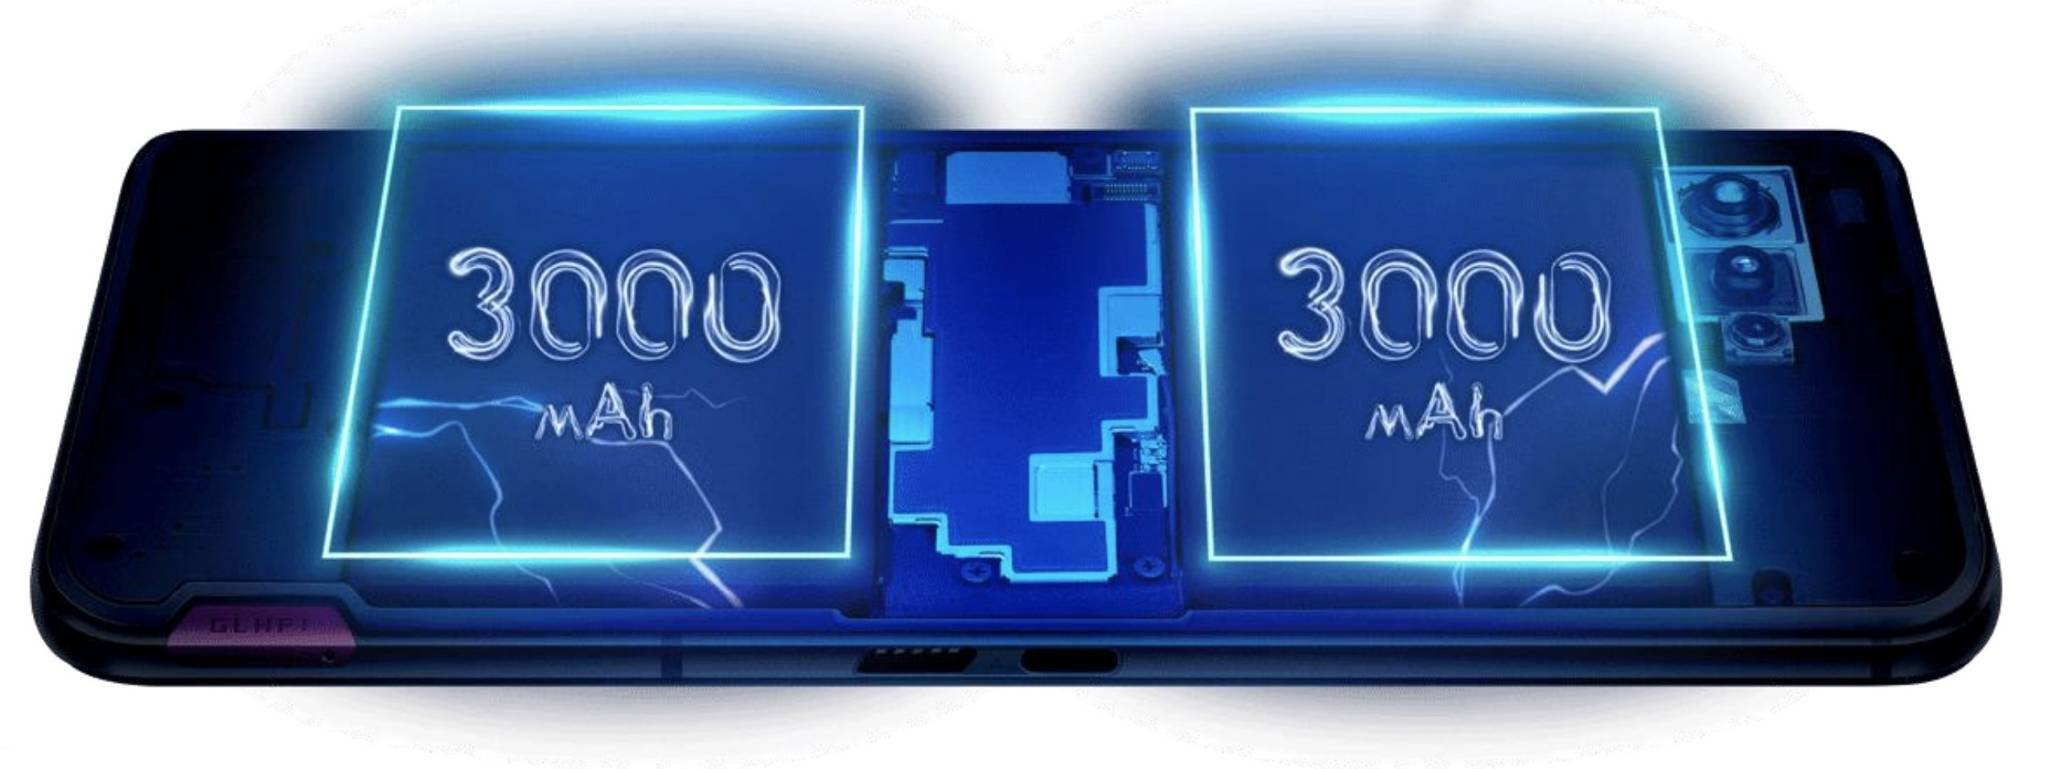 Asus ROG Phone 5 batteria